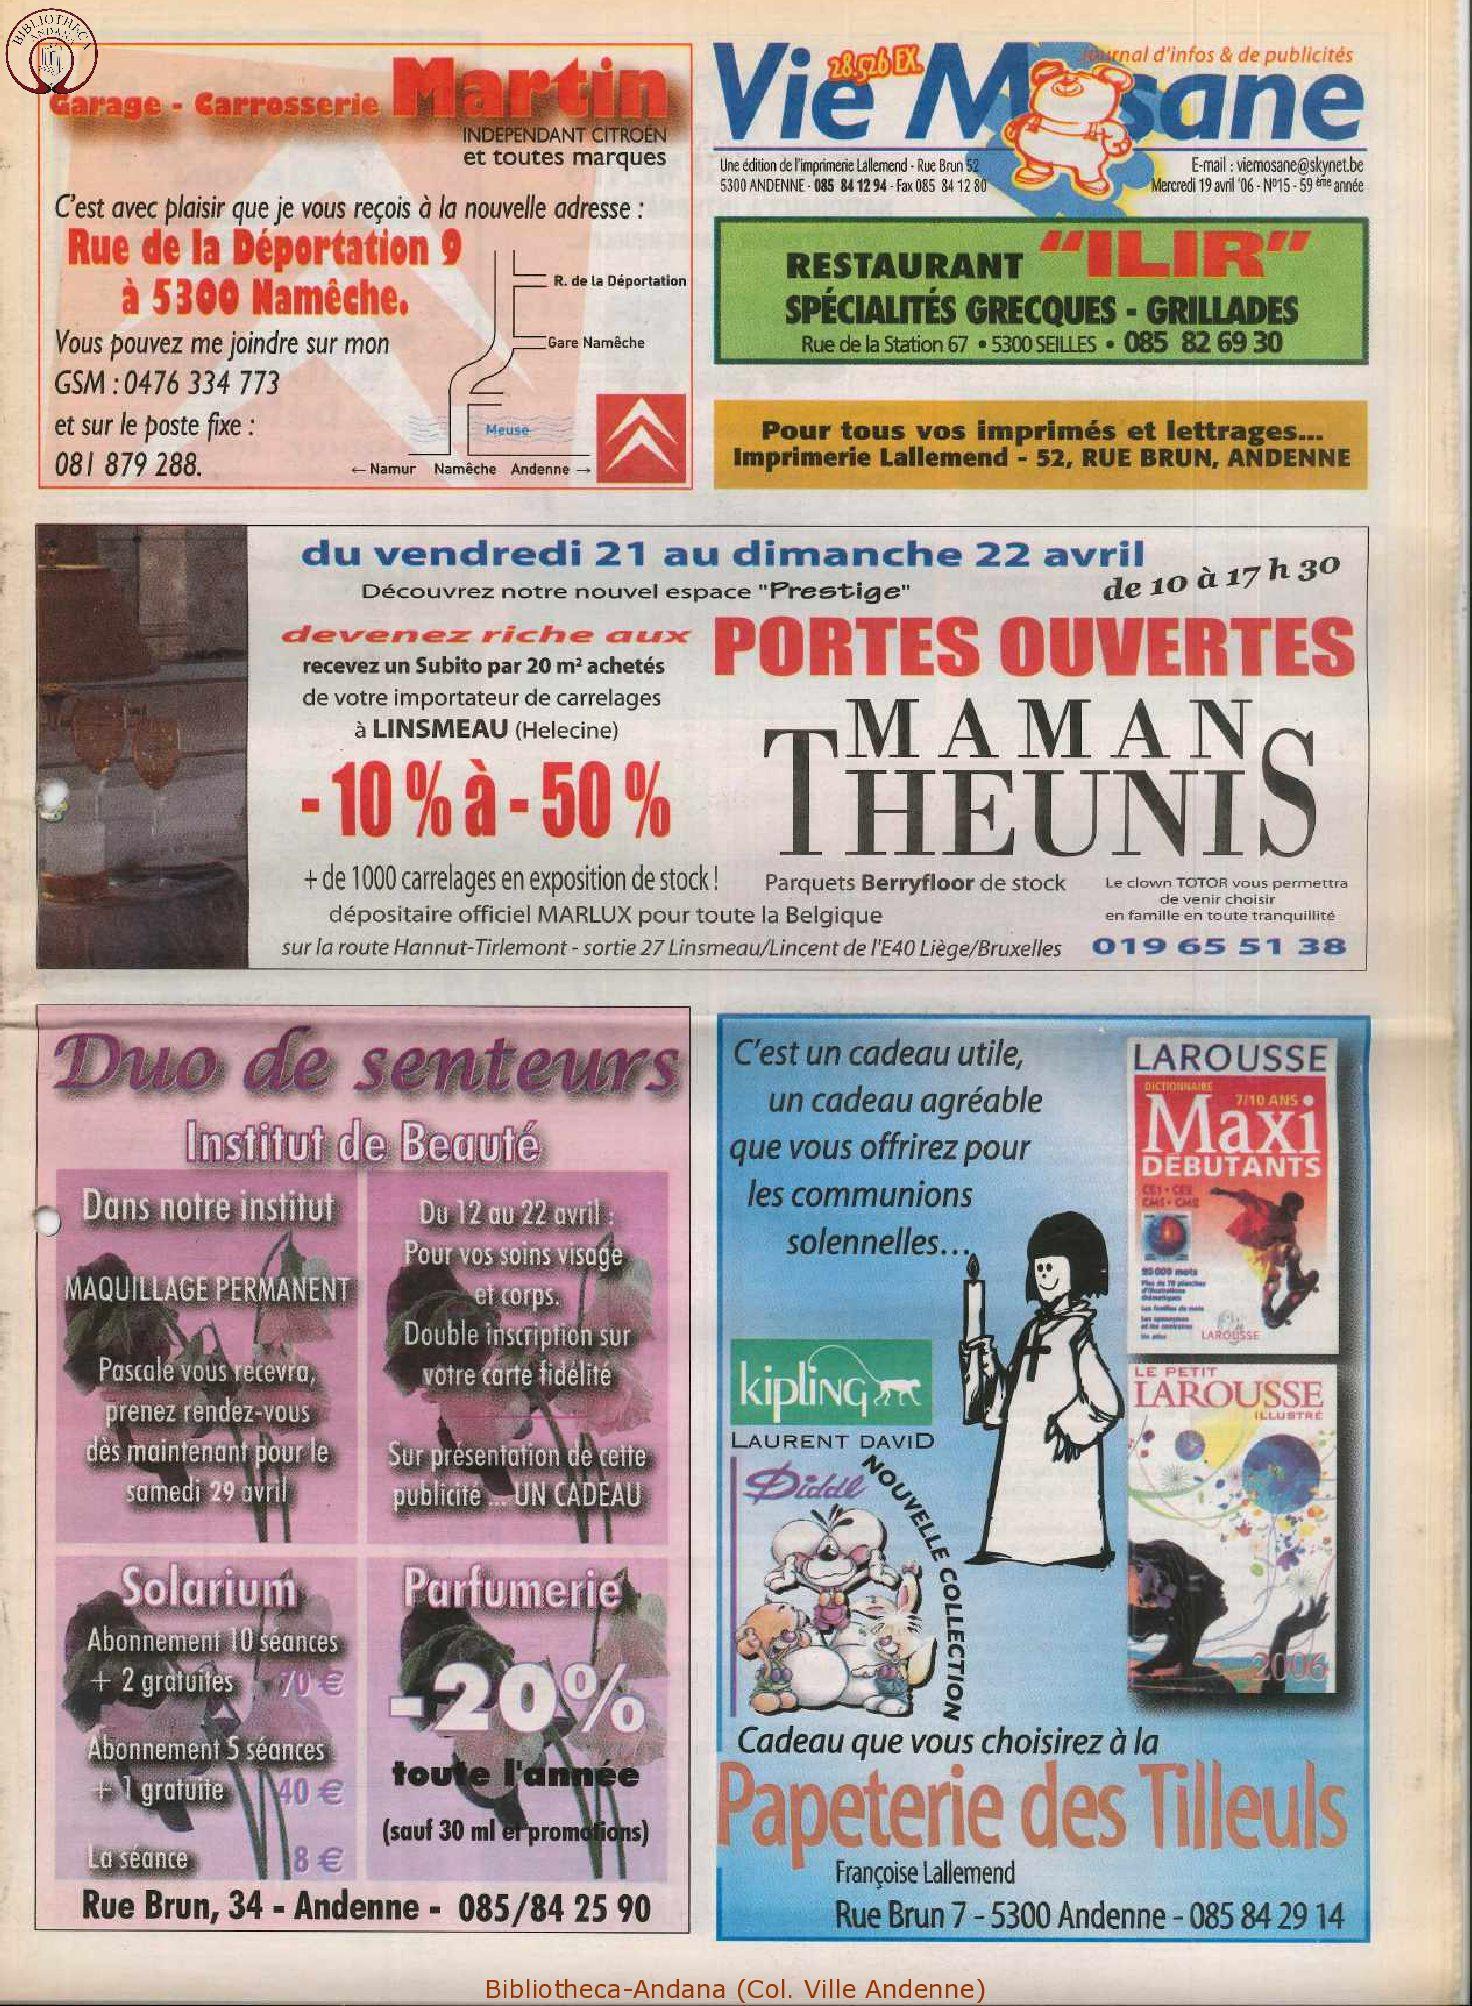 59e année - n°15 - 19 avril 2006